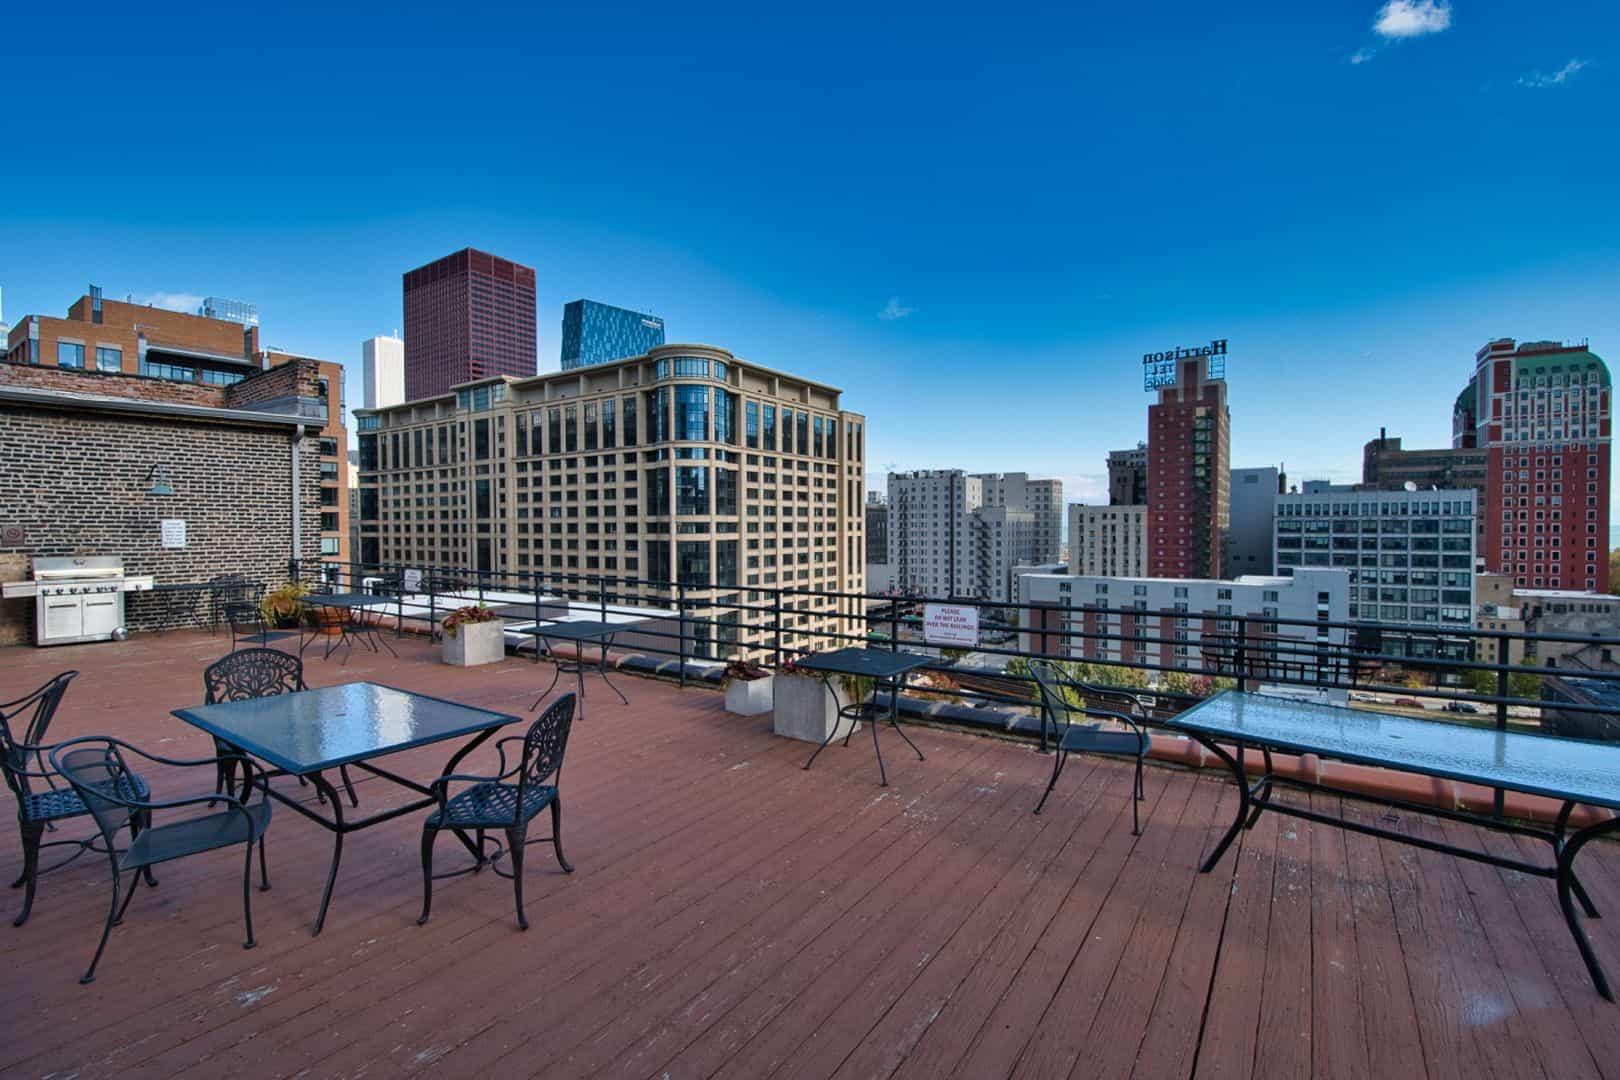 Printer's Row Concrete Loft - 621 S Plymouth Court, Unit 810, Chicago IL 60605 USA - Roof Deck